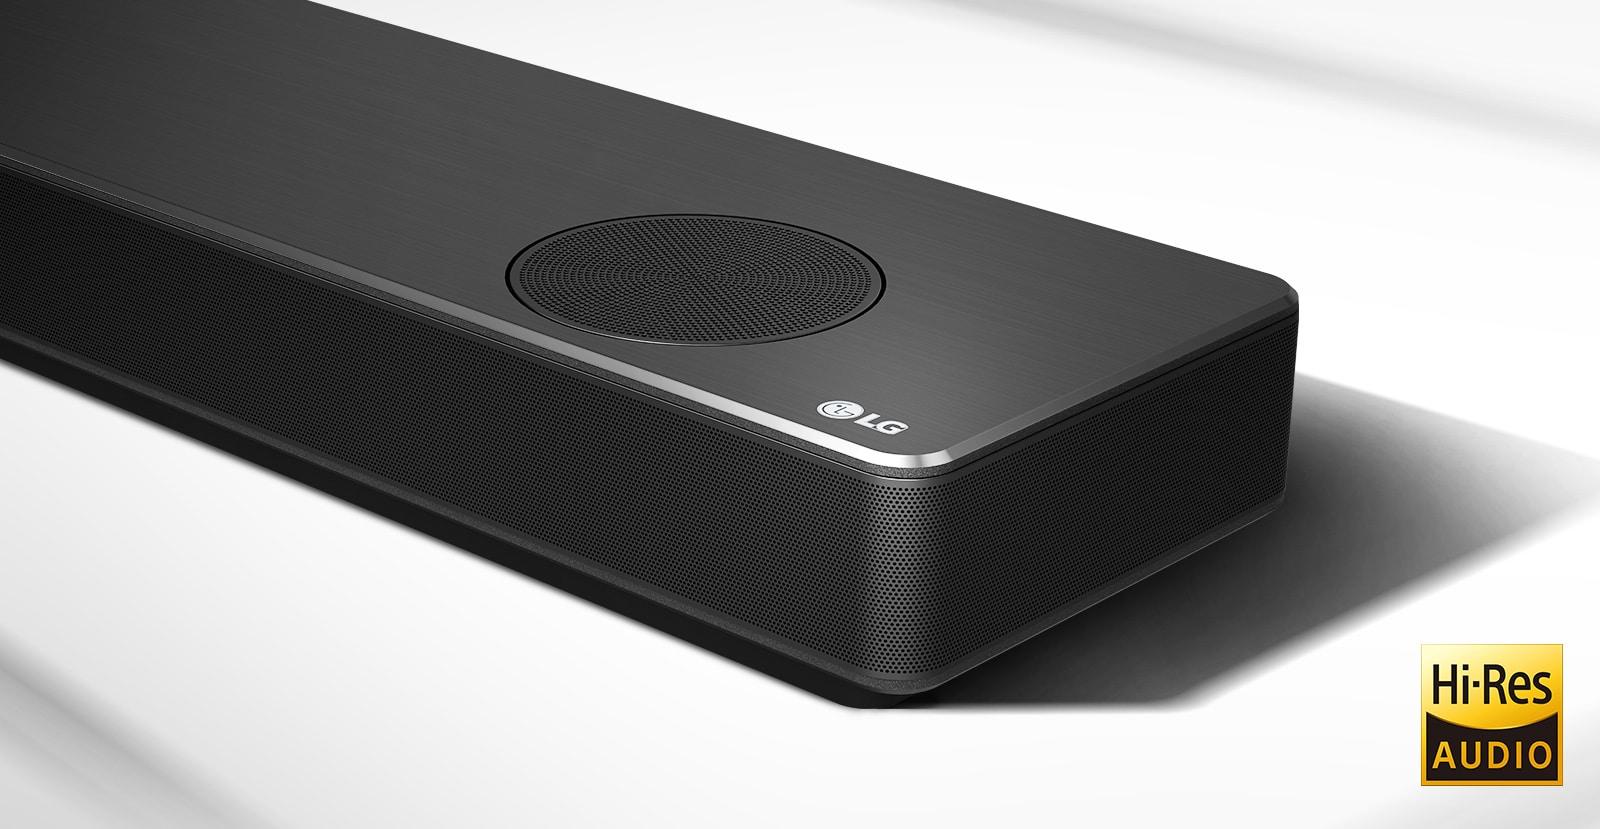 Videovorschau, welche eine LG Sound Bar in einem weißen Wohnzimmer sowie die 7.1.4-Kanal-Einrichtung zeigt.